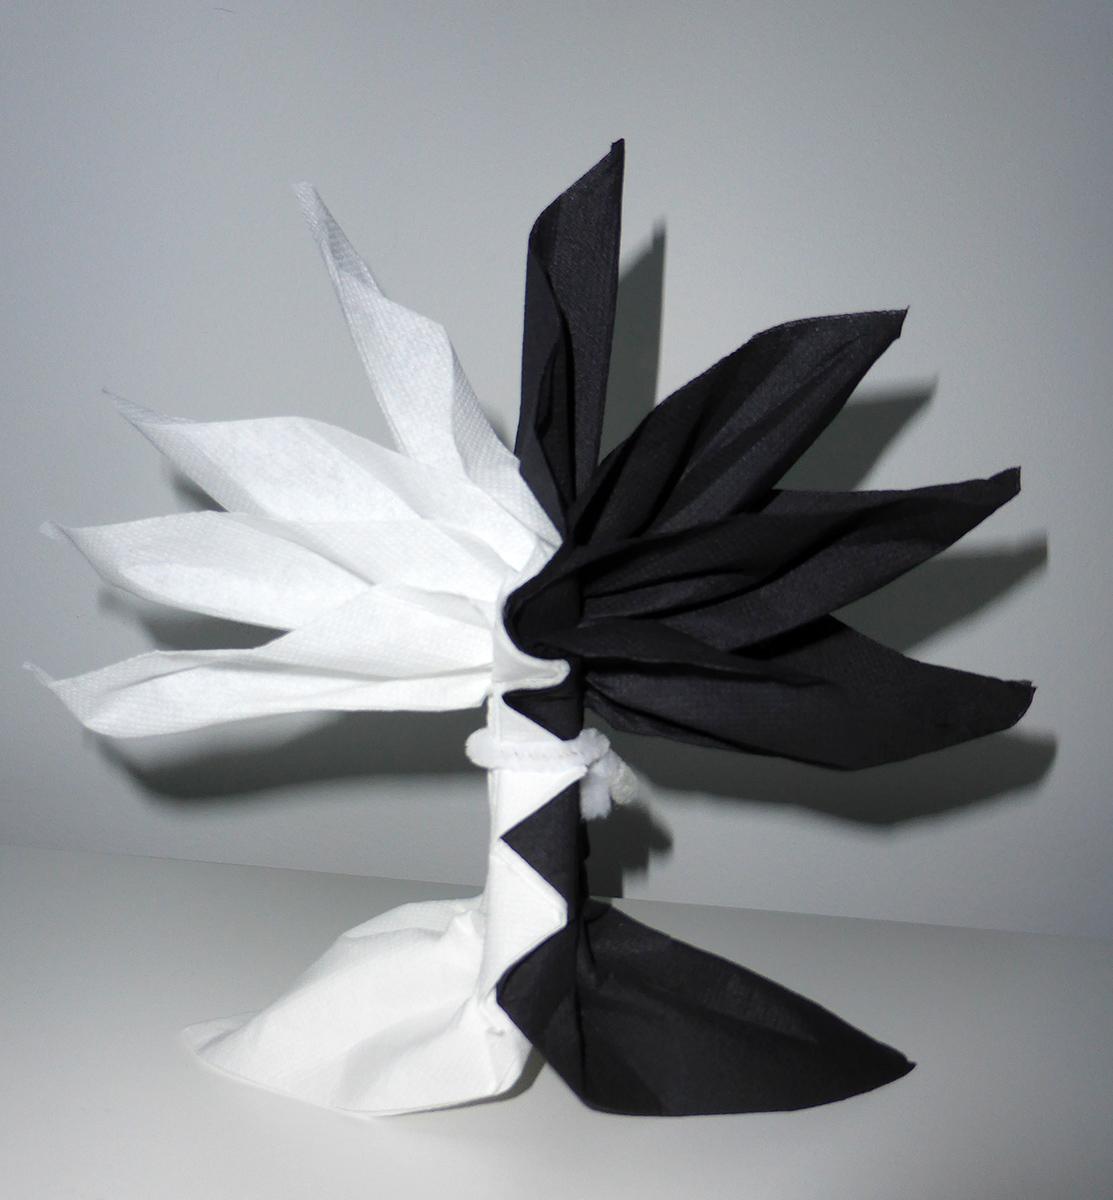 Pliage de serviette de table en forme de palmier ou arbre - Pliage des serviettes en papier ...